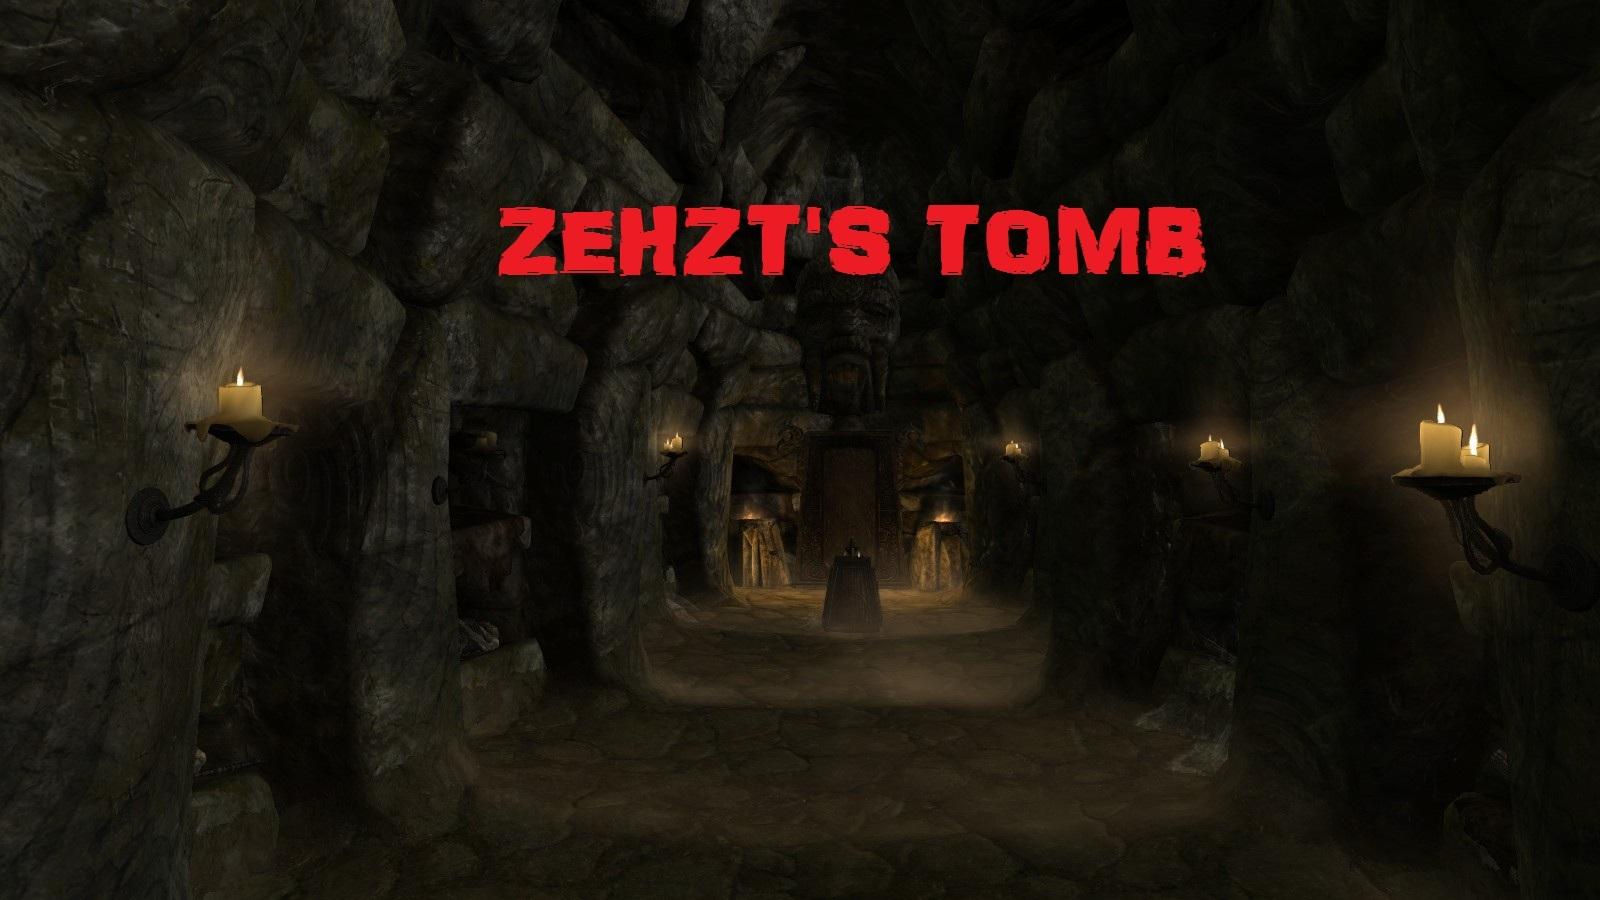 Zehzt's Tomb画像